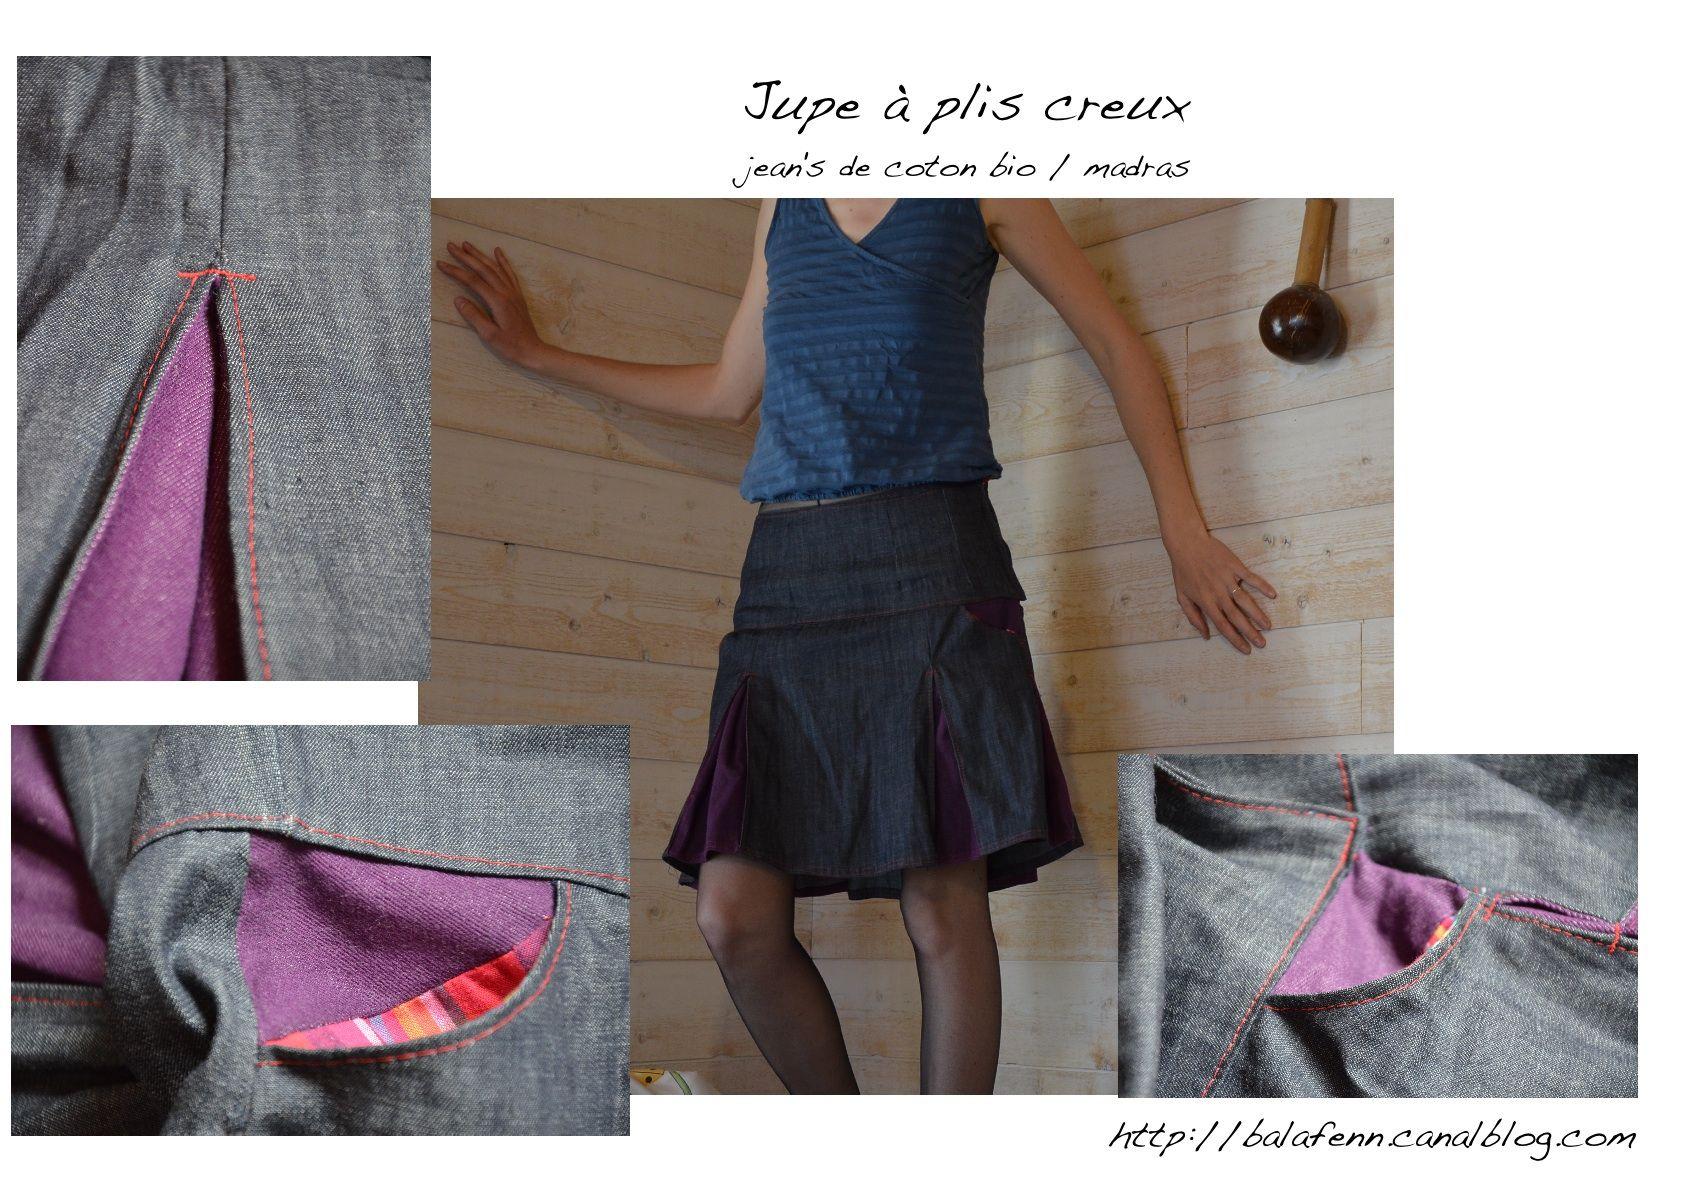 jupe à plis creux